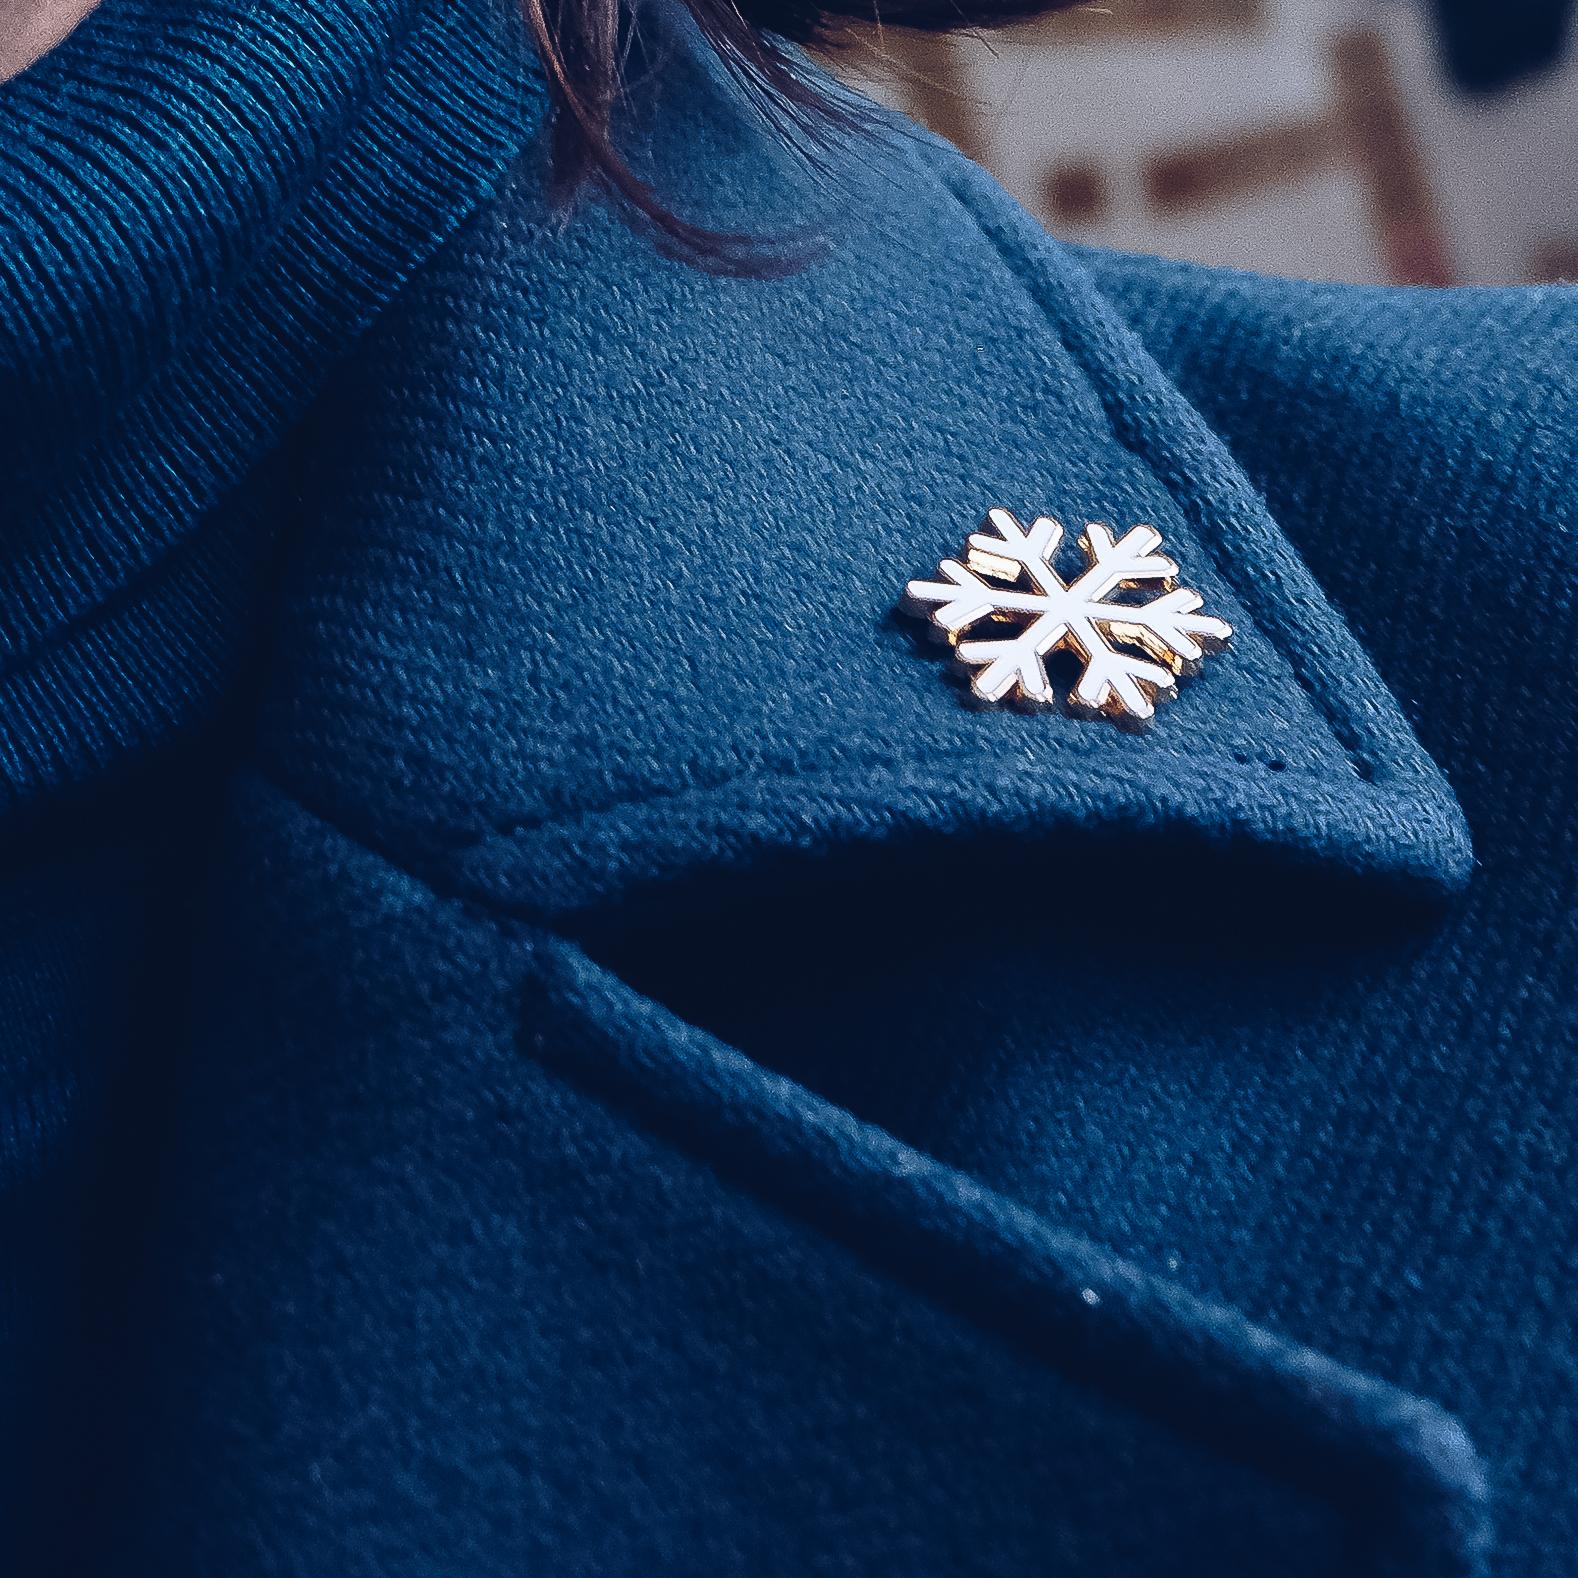 Winter snowflake 2.jpg